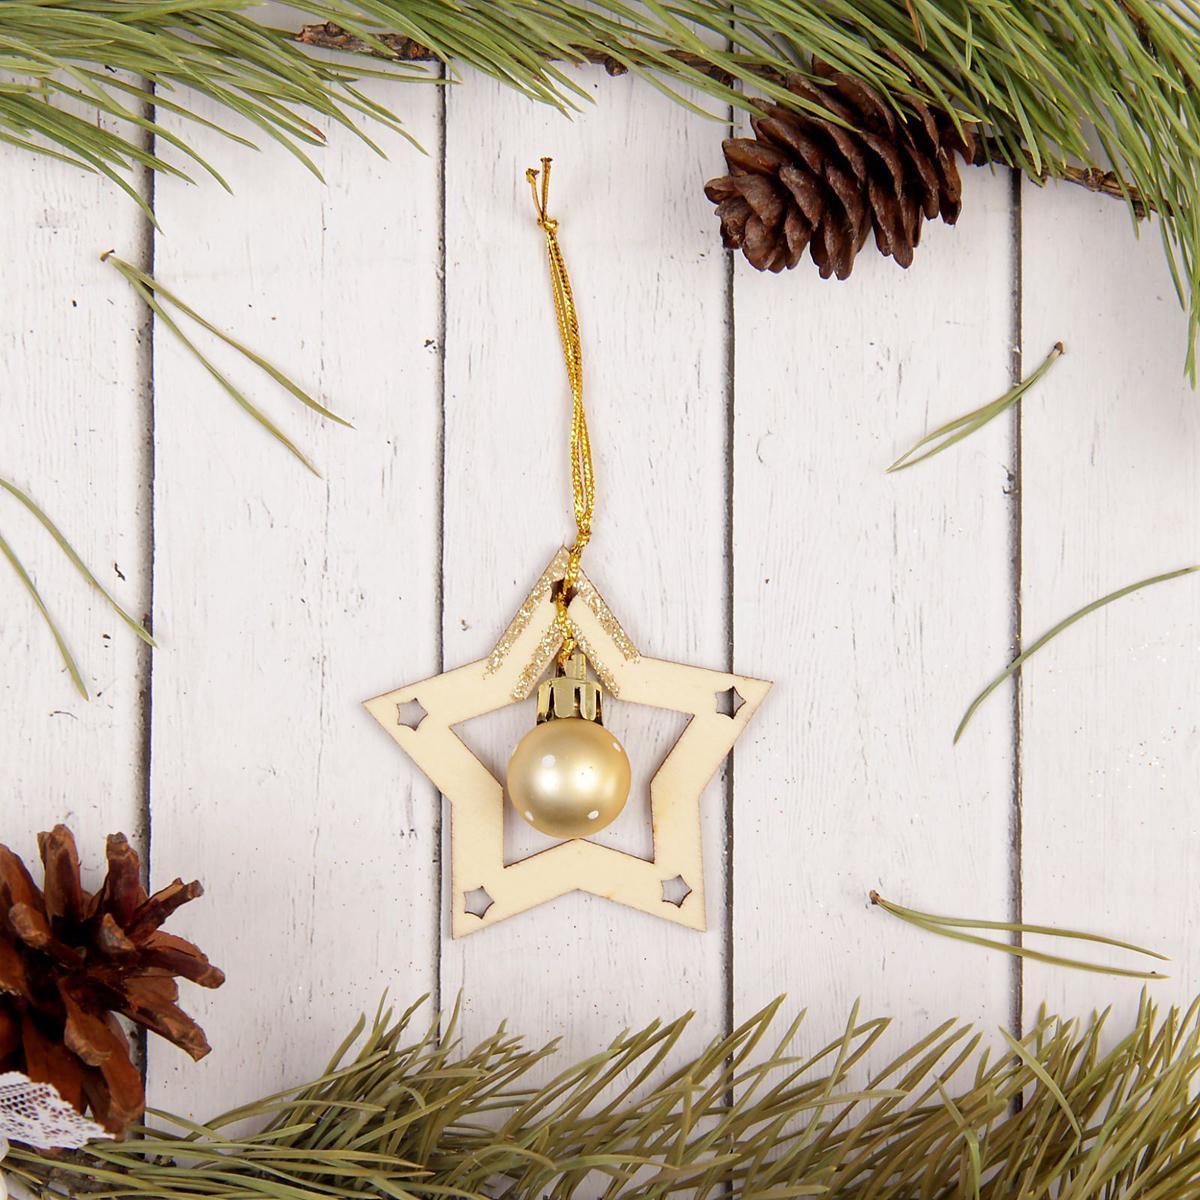 Украшение новогоднее подвесное Sima-land Звезда, 6,5 см х 6,5 см2277509Новогодние украшения Sima-land изготовлены из пластика. Изделия имеют плотный корпус, поэтому не разобьются при падении.Невозможно представить нашу жизнь без праздников! Новогодние украшения несут в себе волшебство и красоту праздника. Создайте в своем доме атмосферу тепла, веселья и радости, украшая его всей семьей.